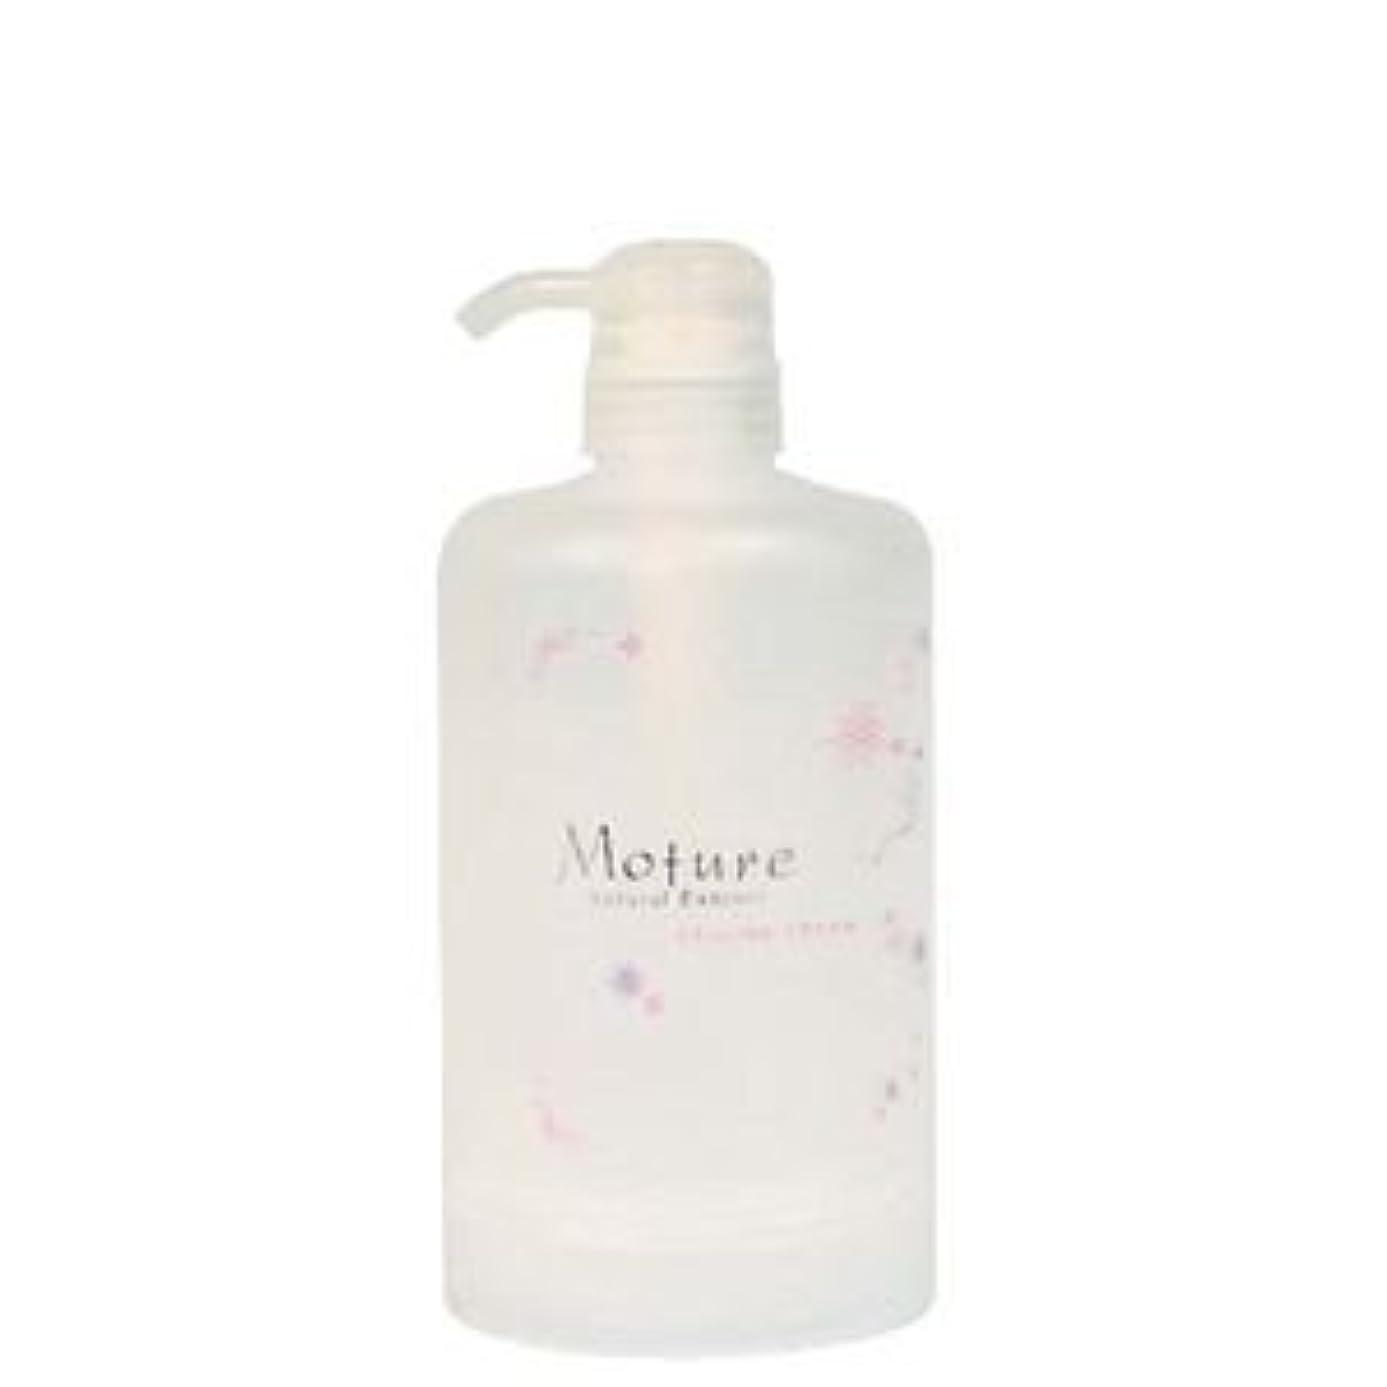 蚊位置するメダリストフォードヘア化粧品 モチュレ 専用ボトル500g